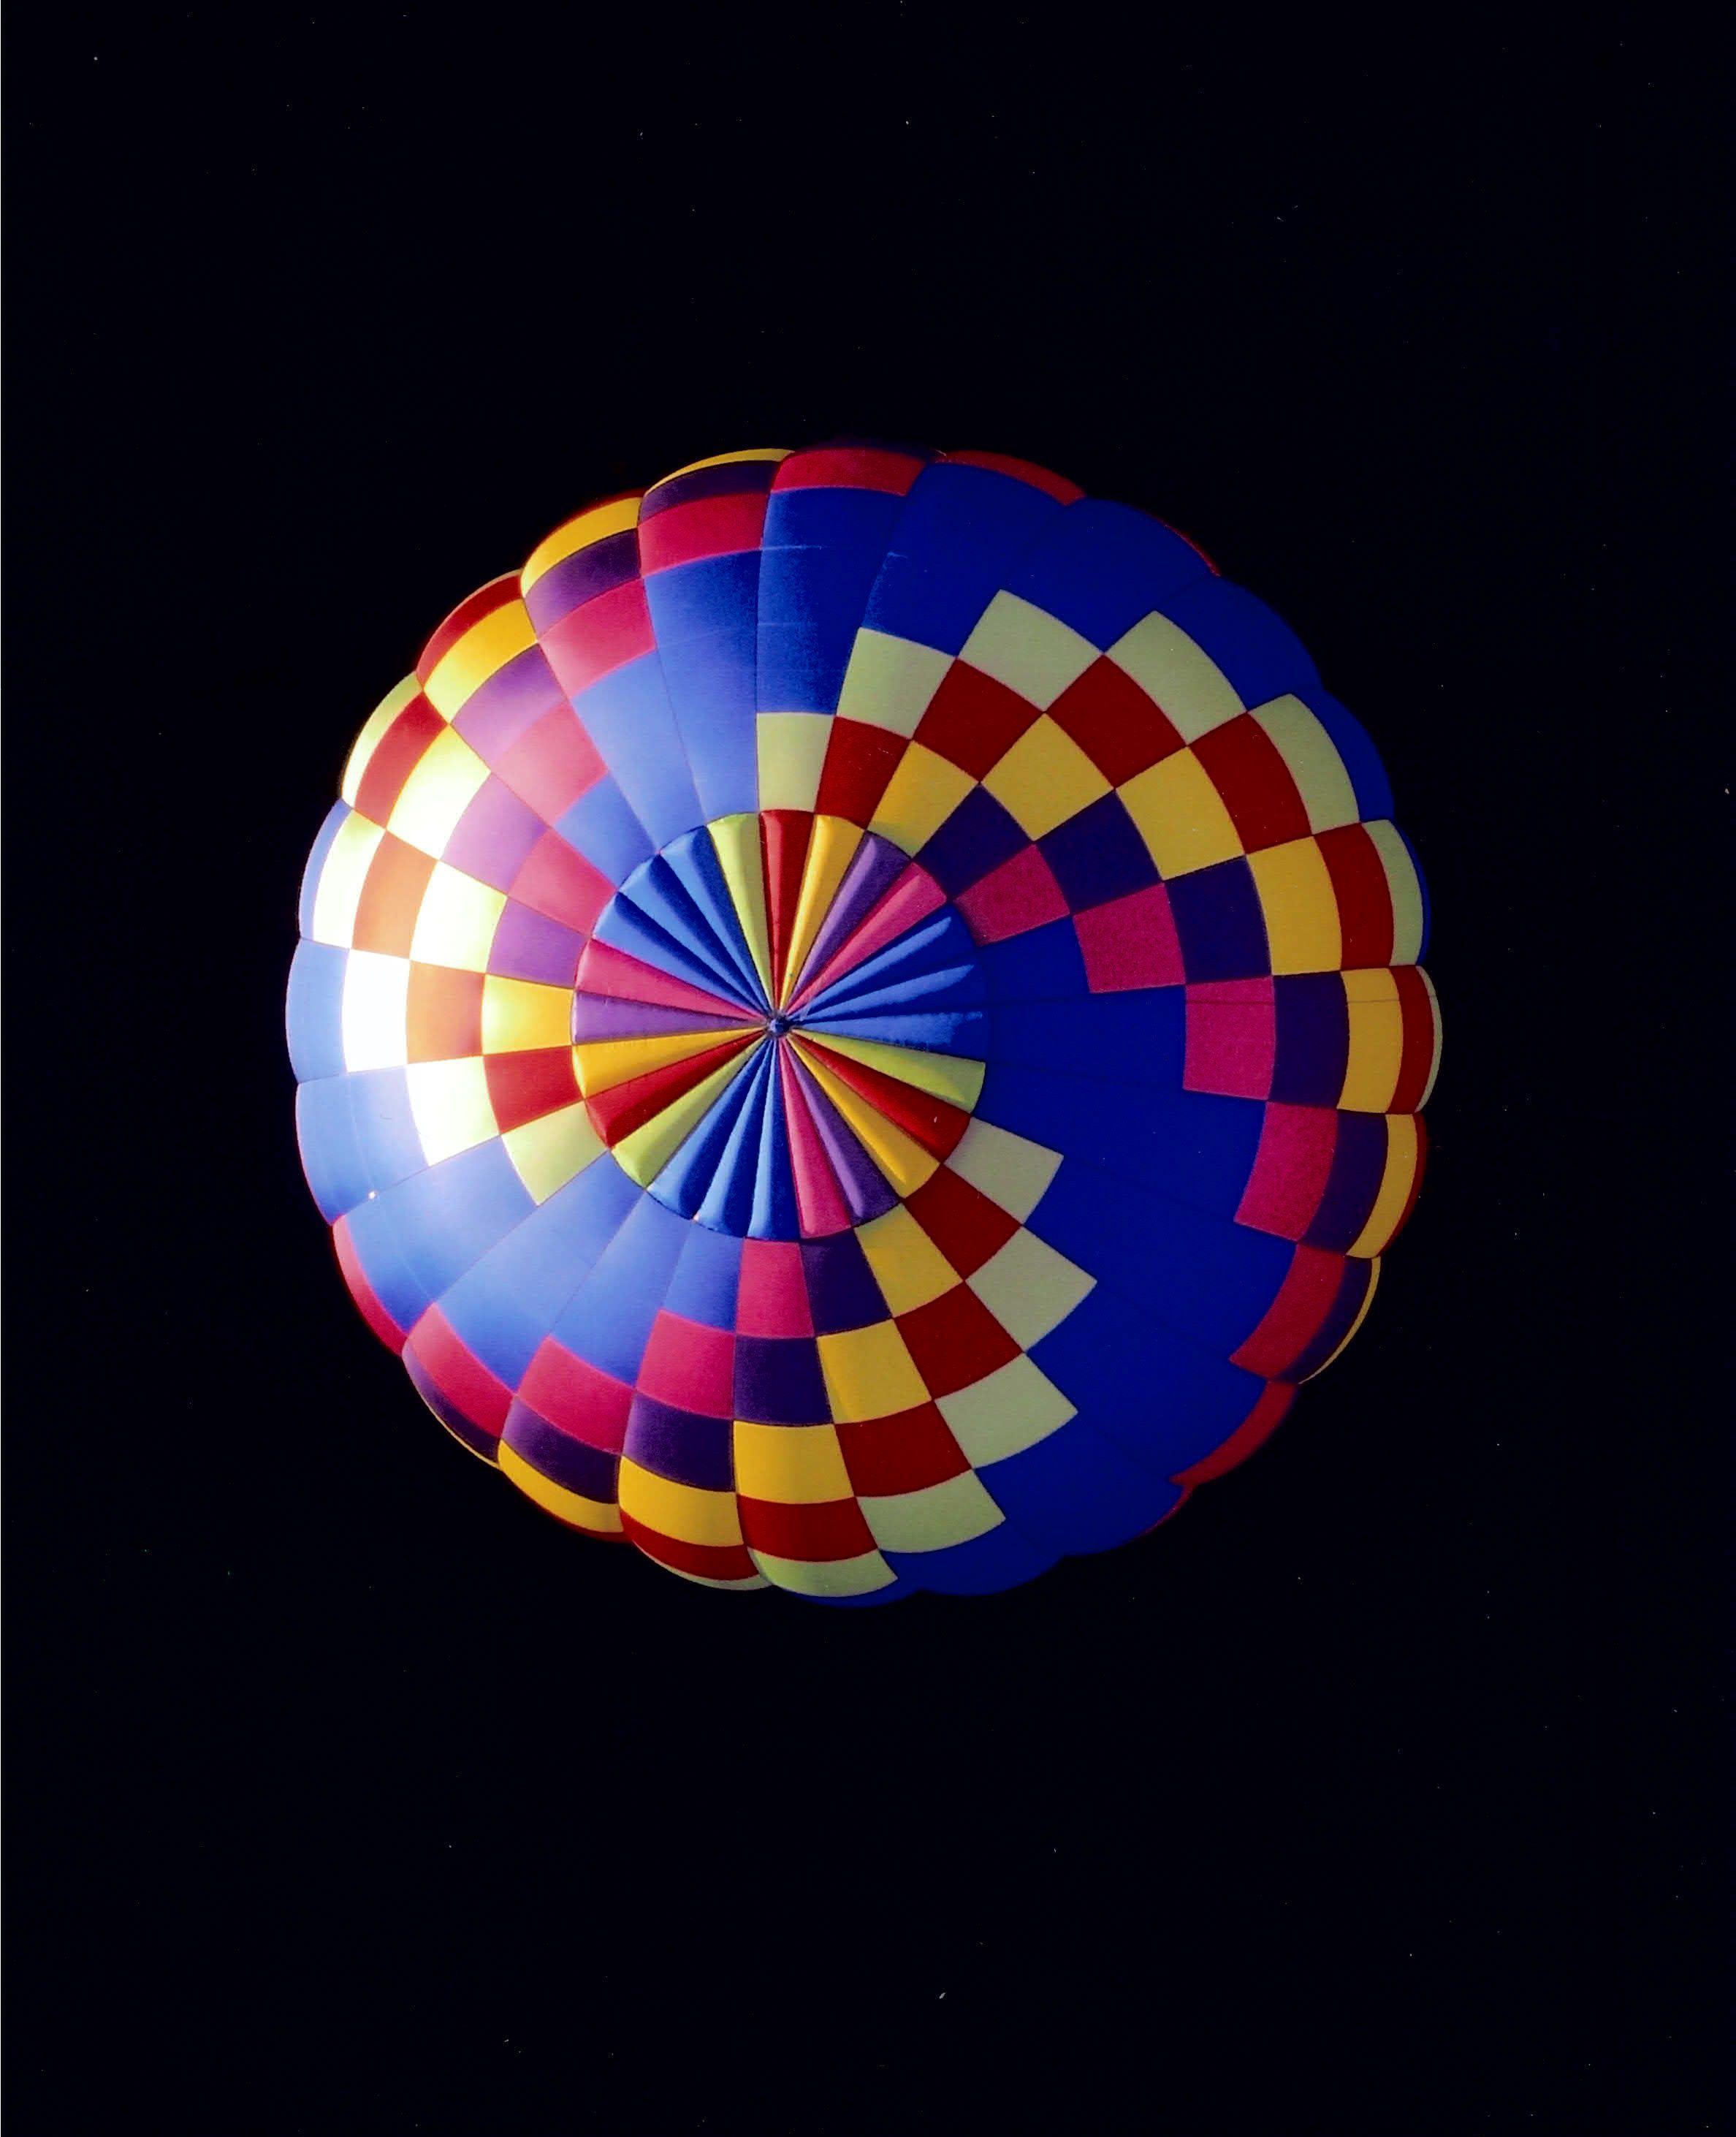 Adirondack, NY Balloons, Hot air balloon, Art